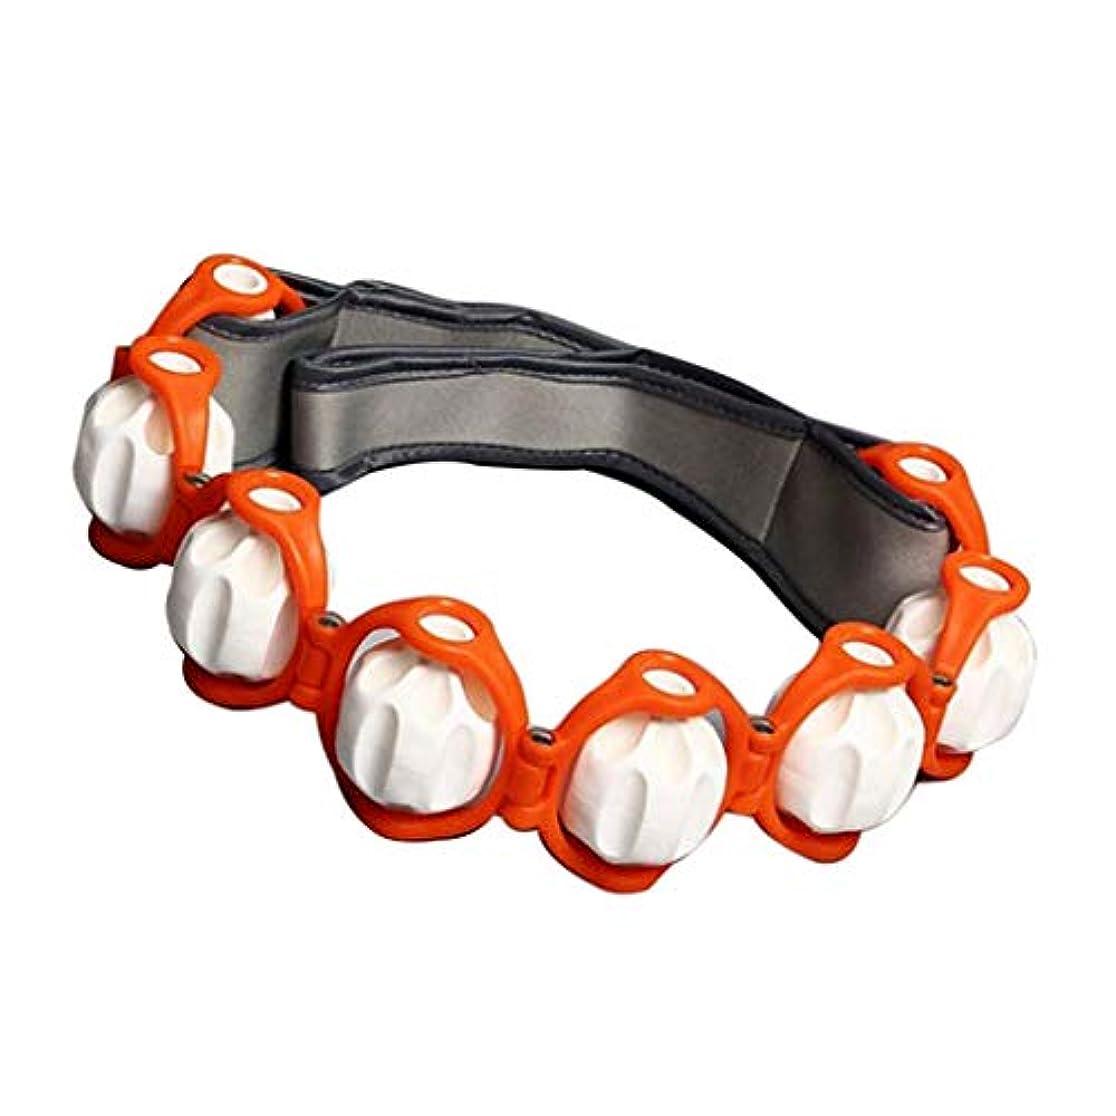 と施設正しくマッサージローラー トリガーポイント 筋膜リリース 筋肉マッサージ マッサージツール4色選べ - オレンジ